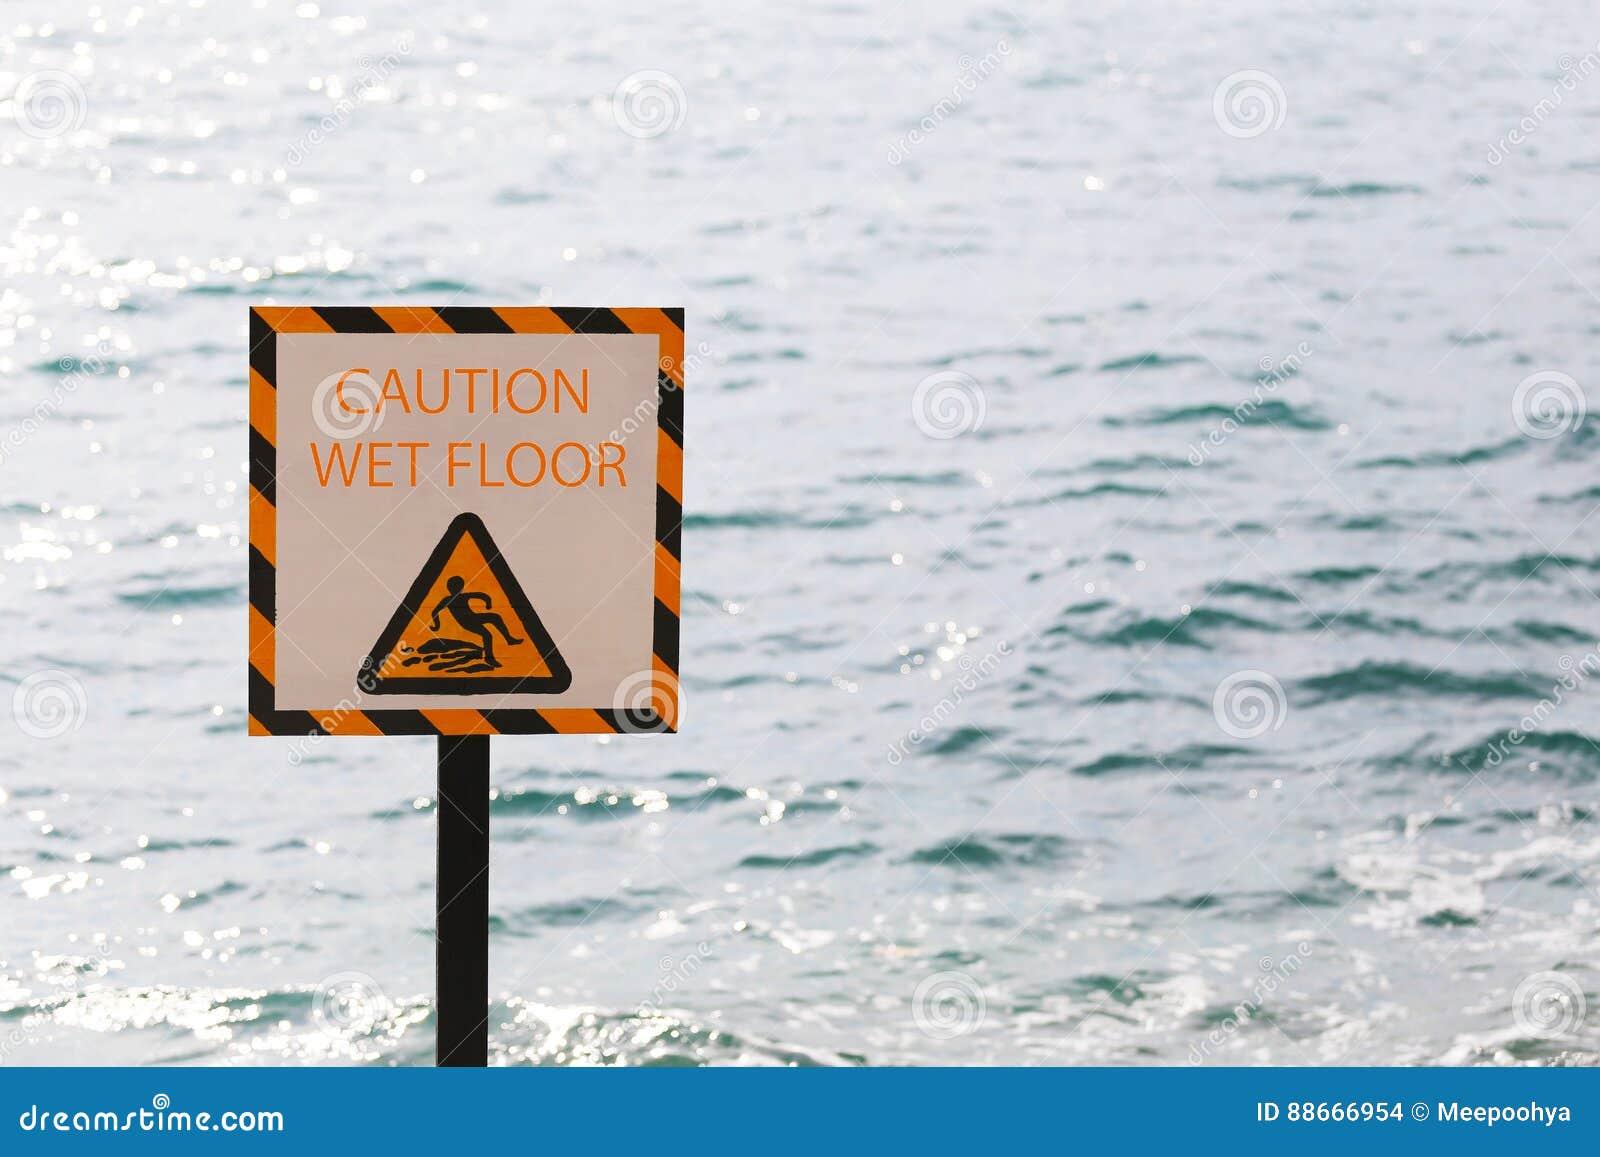 小心警告标记在海边区域弄湿了地板